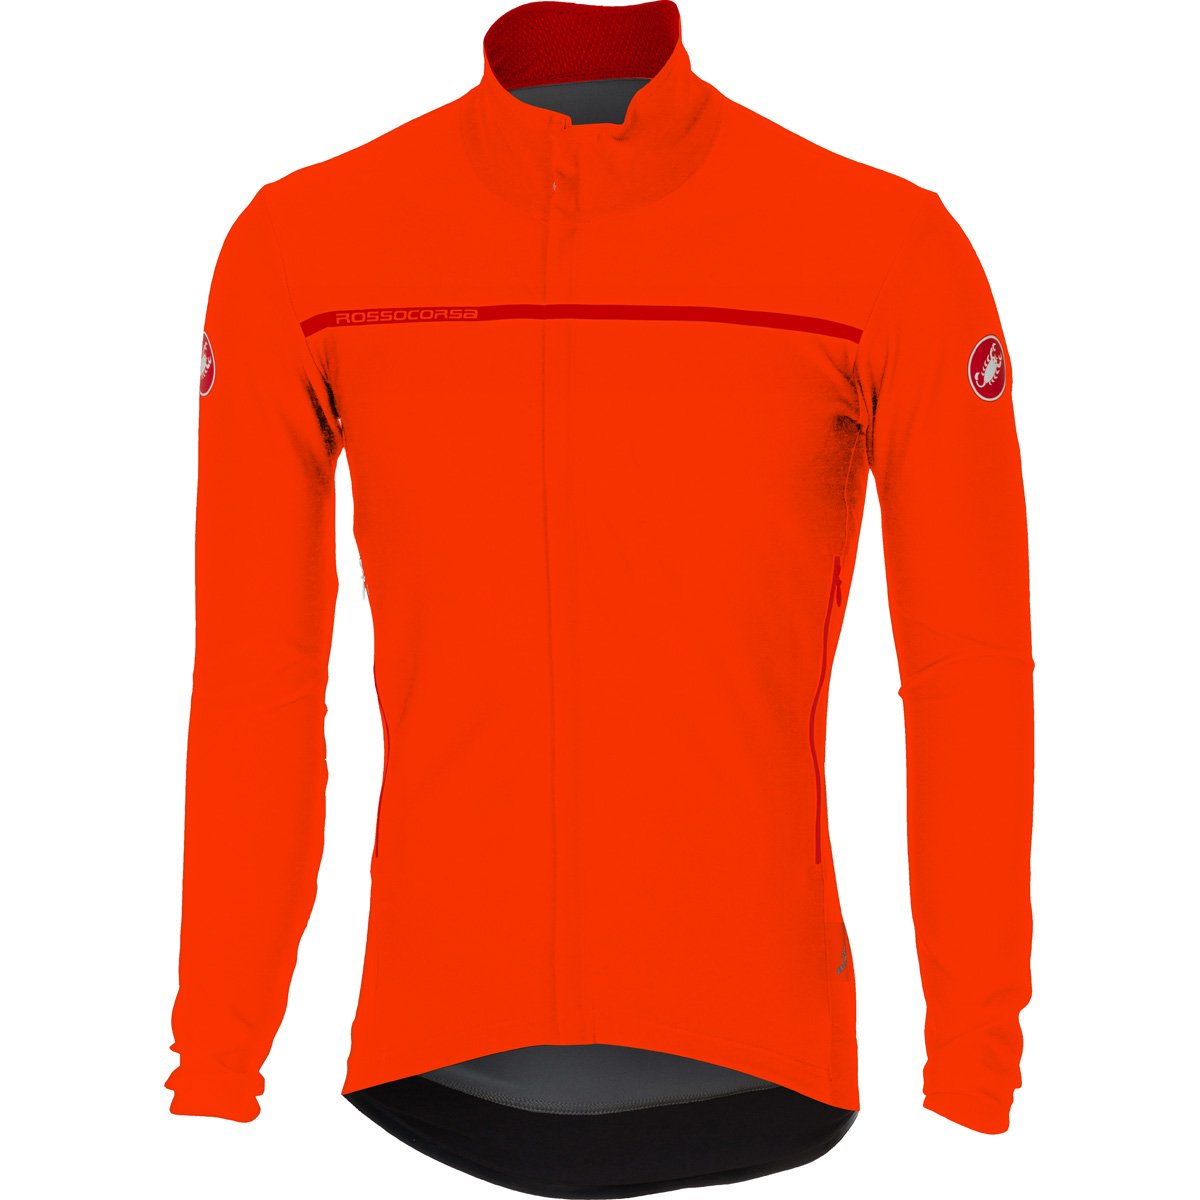 Castelli 2016 / 17メンズPerfetto長袖サイクリングジャケット – b16507 B075FGC65Y XL|オレンジ オレンジ XL